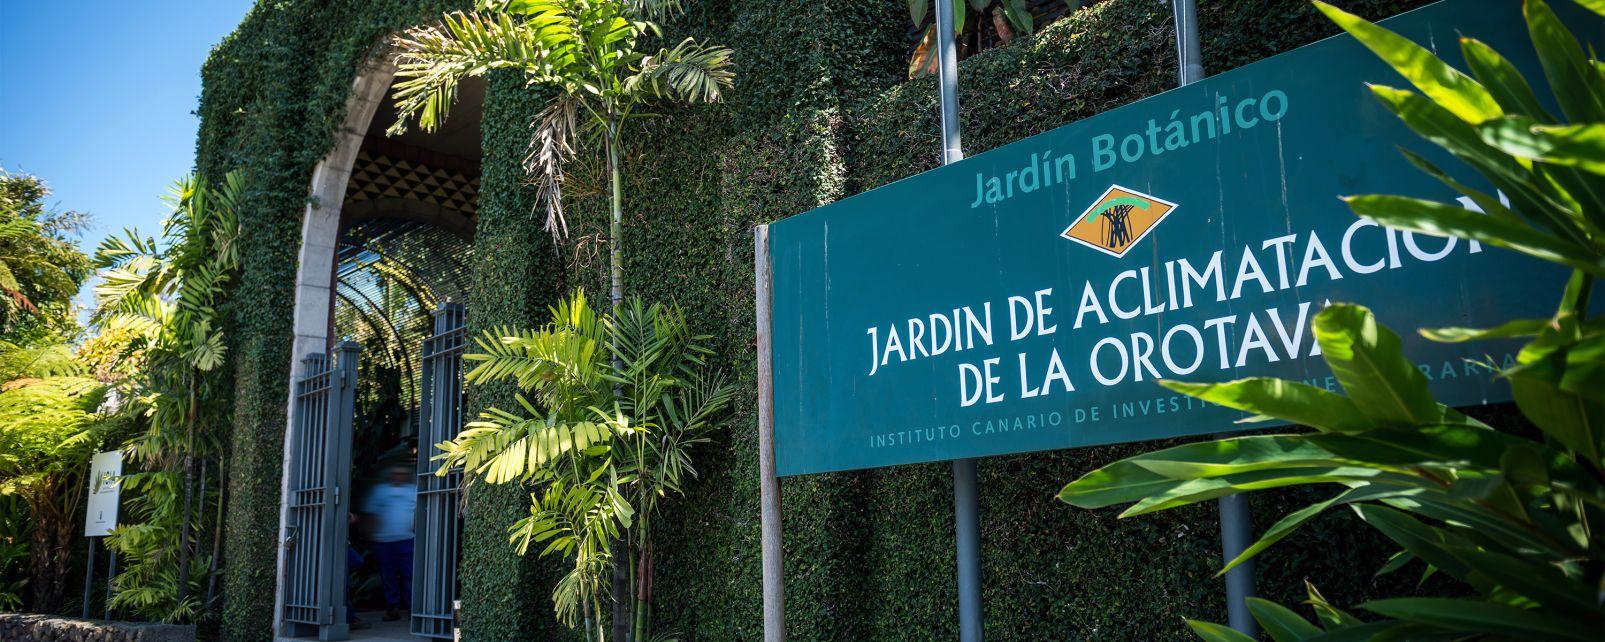 La faune et la flore, canaries, espagne, ténérife, île, europe, flore, jardin, orotava, acclimatation